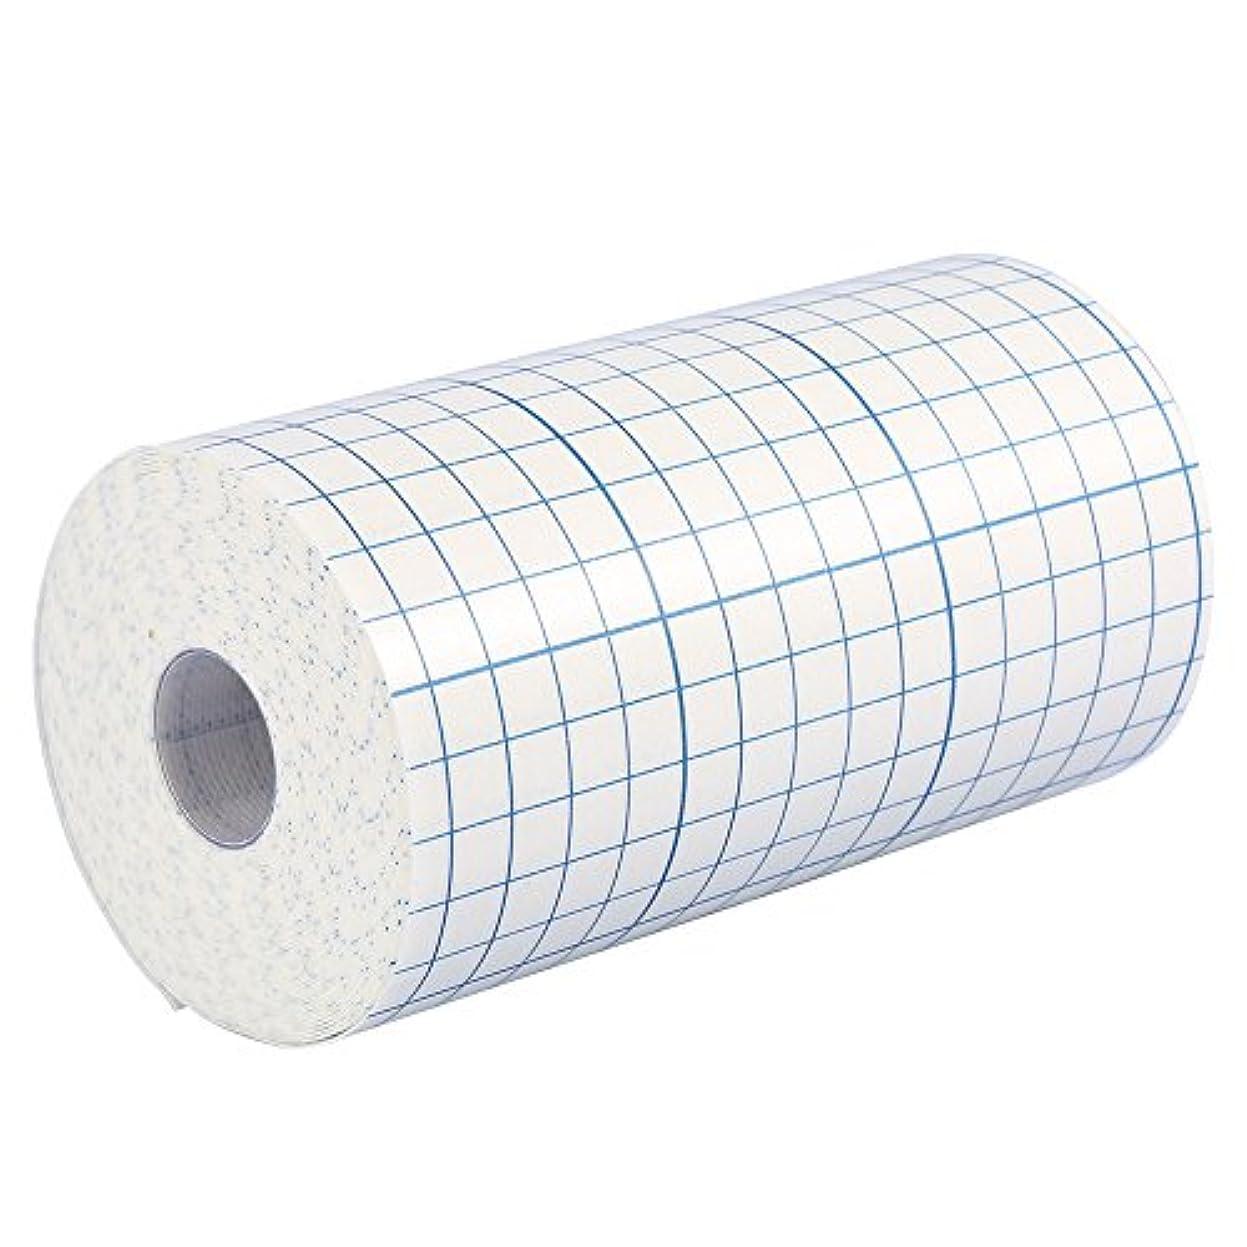 3サイズ1ロールプロフェッショナル不織布接着創傷ドレッシング医療用固定テープ包帯(15cm x 10m)